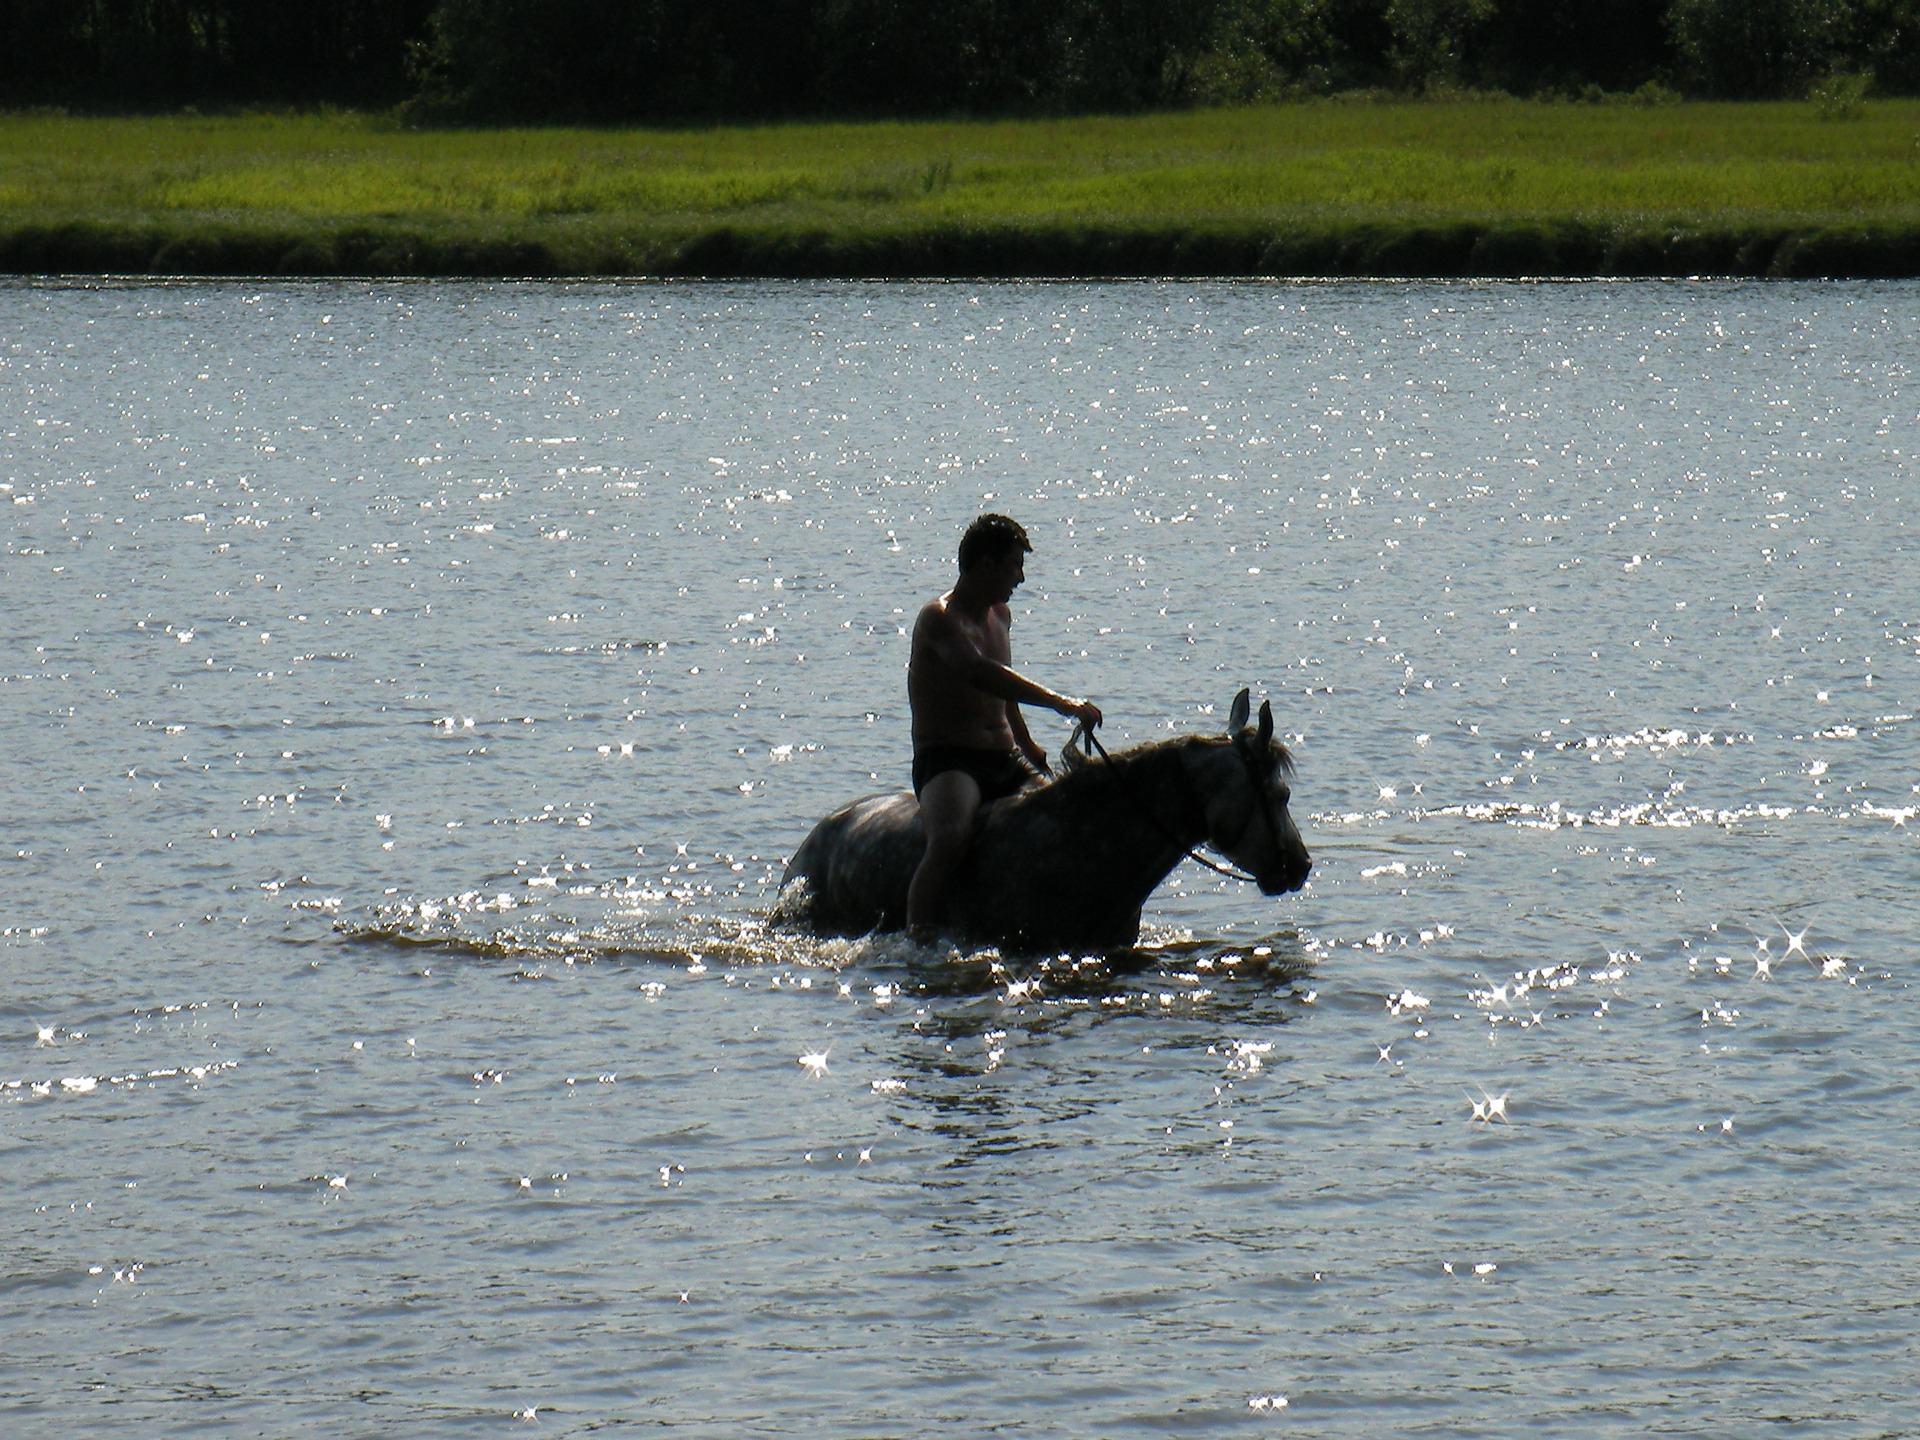 男子在水中的马